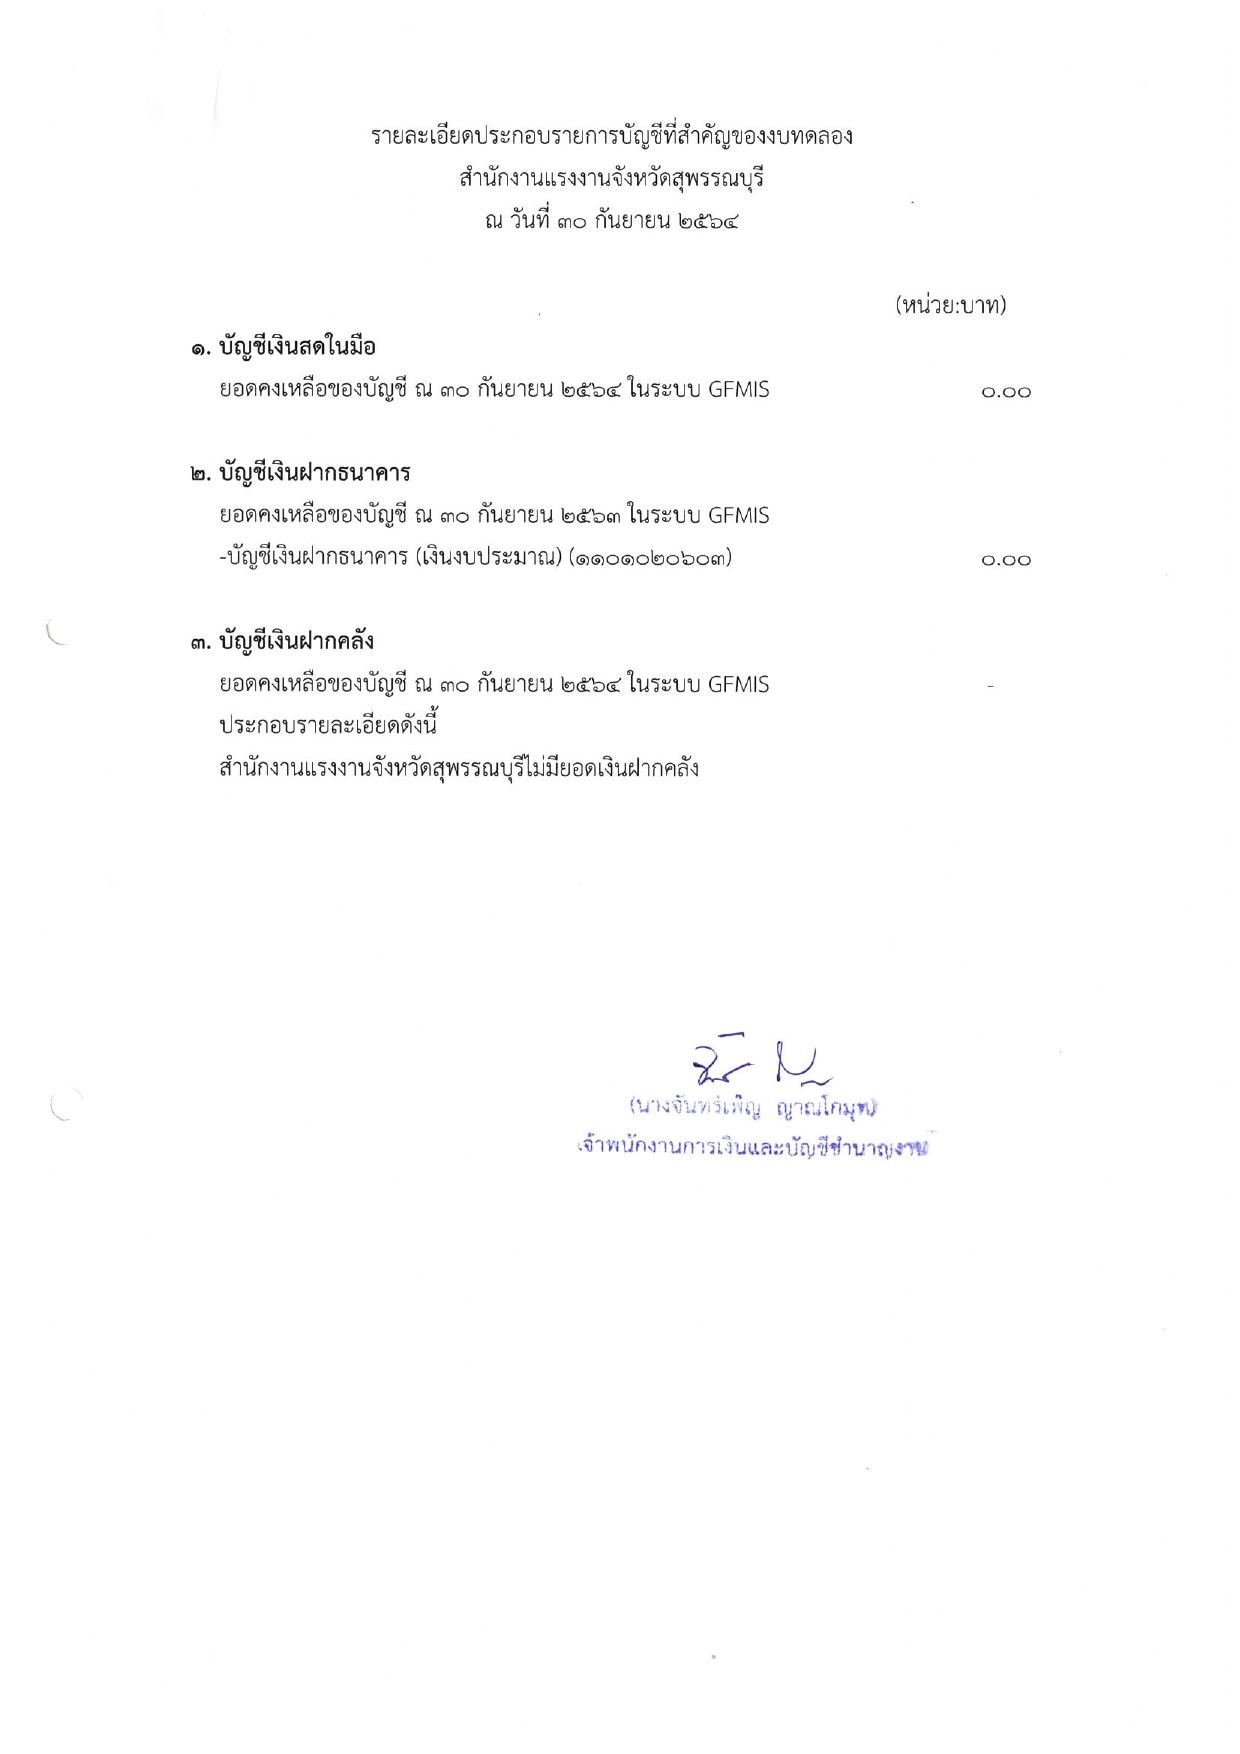 รายละเอียดประกอบรายการบัญชีที่สำคัญของงบทดลอง สำนักงานแรงงานจังหวัดสุพรรณบุรี ณ วันที่ 30 กันยายน 2564